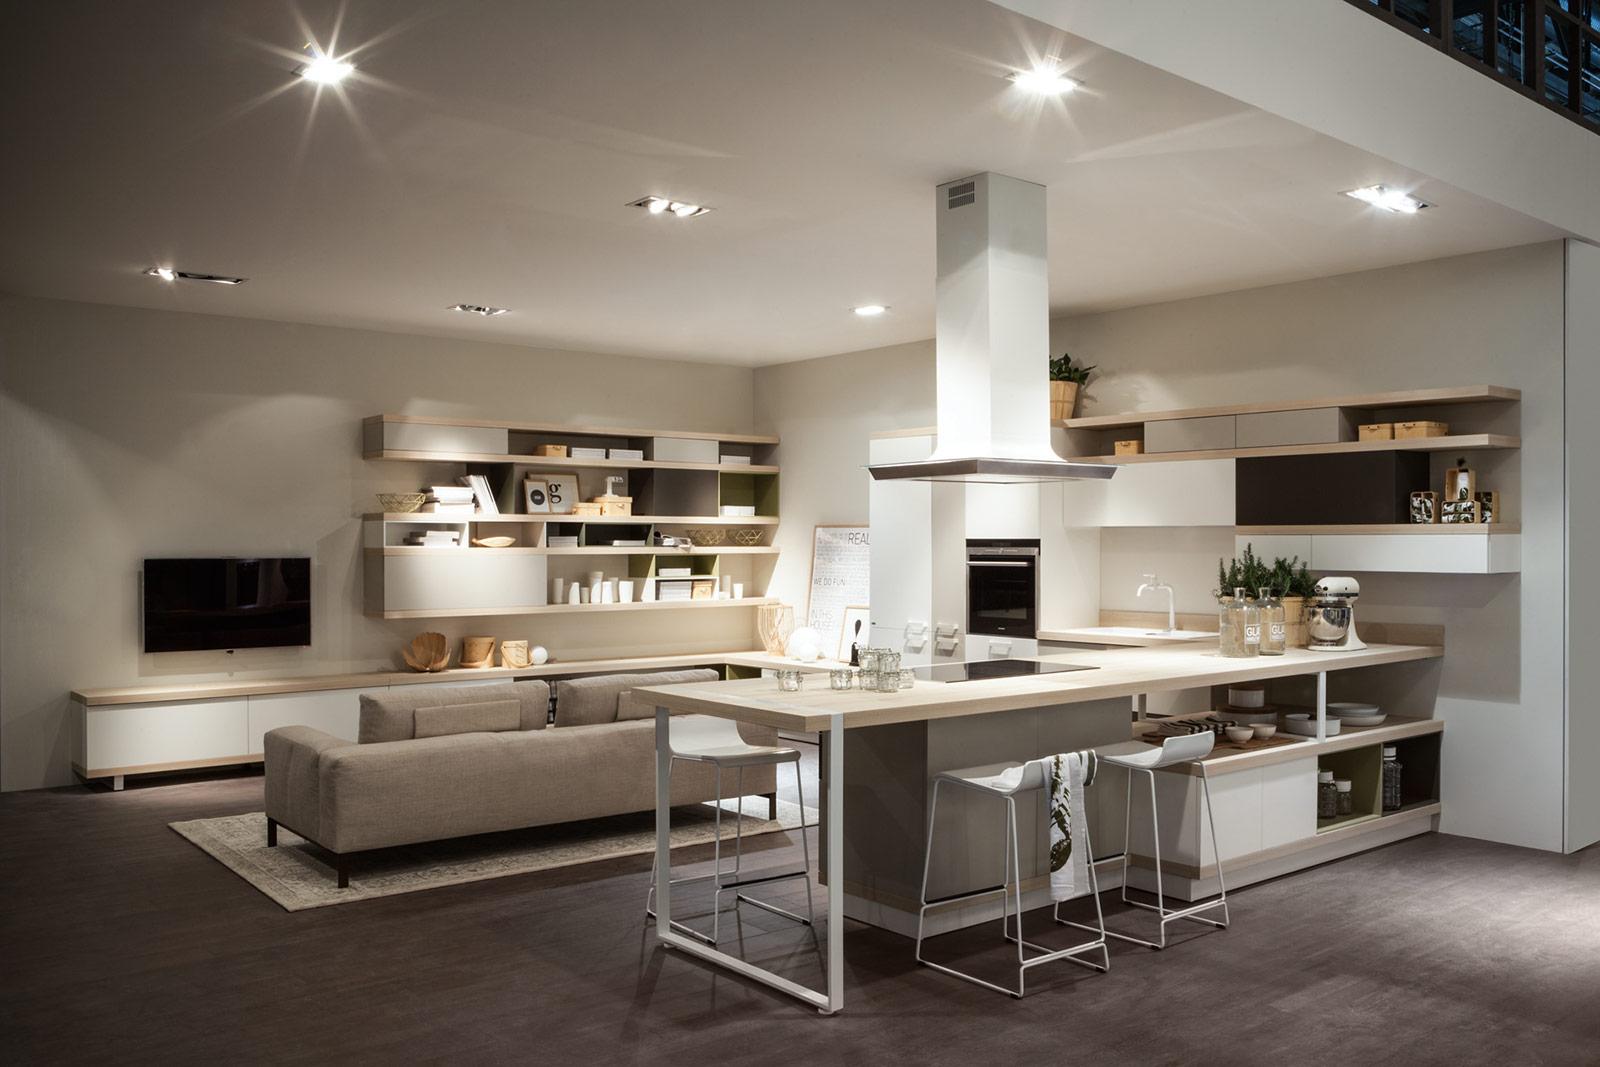 Progettare casa online consigli per progettare la for Progettare mobili online